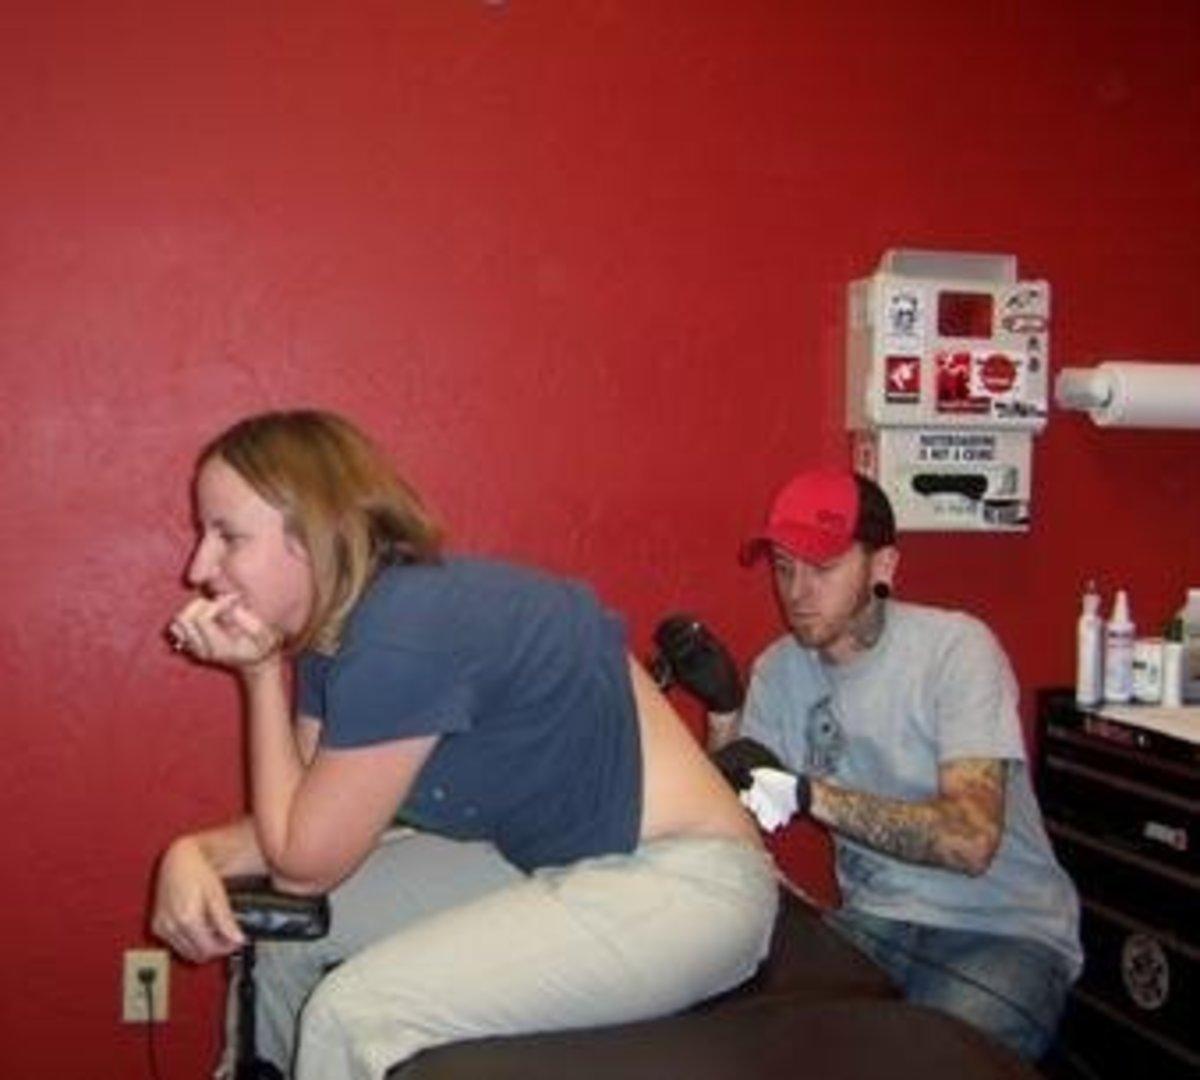 Getting tattoo #4